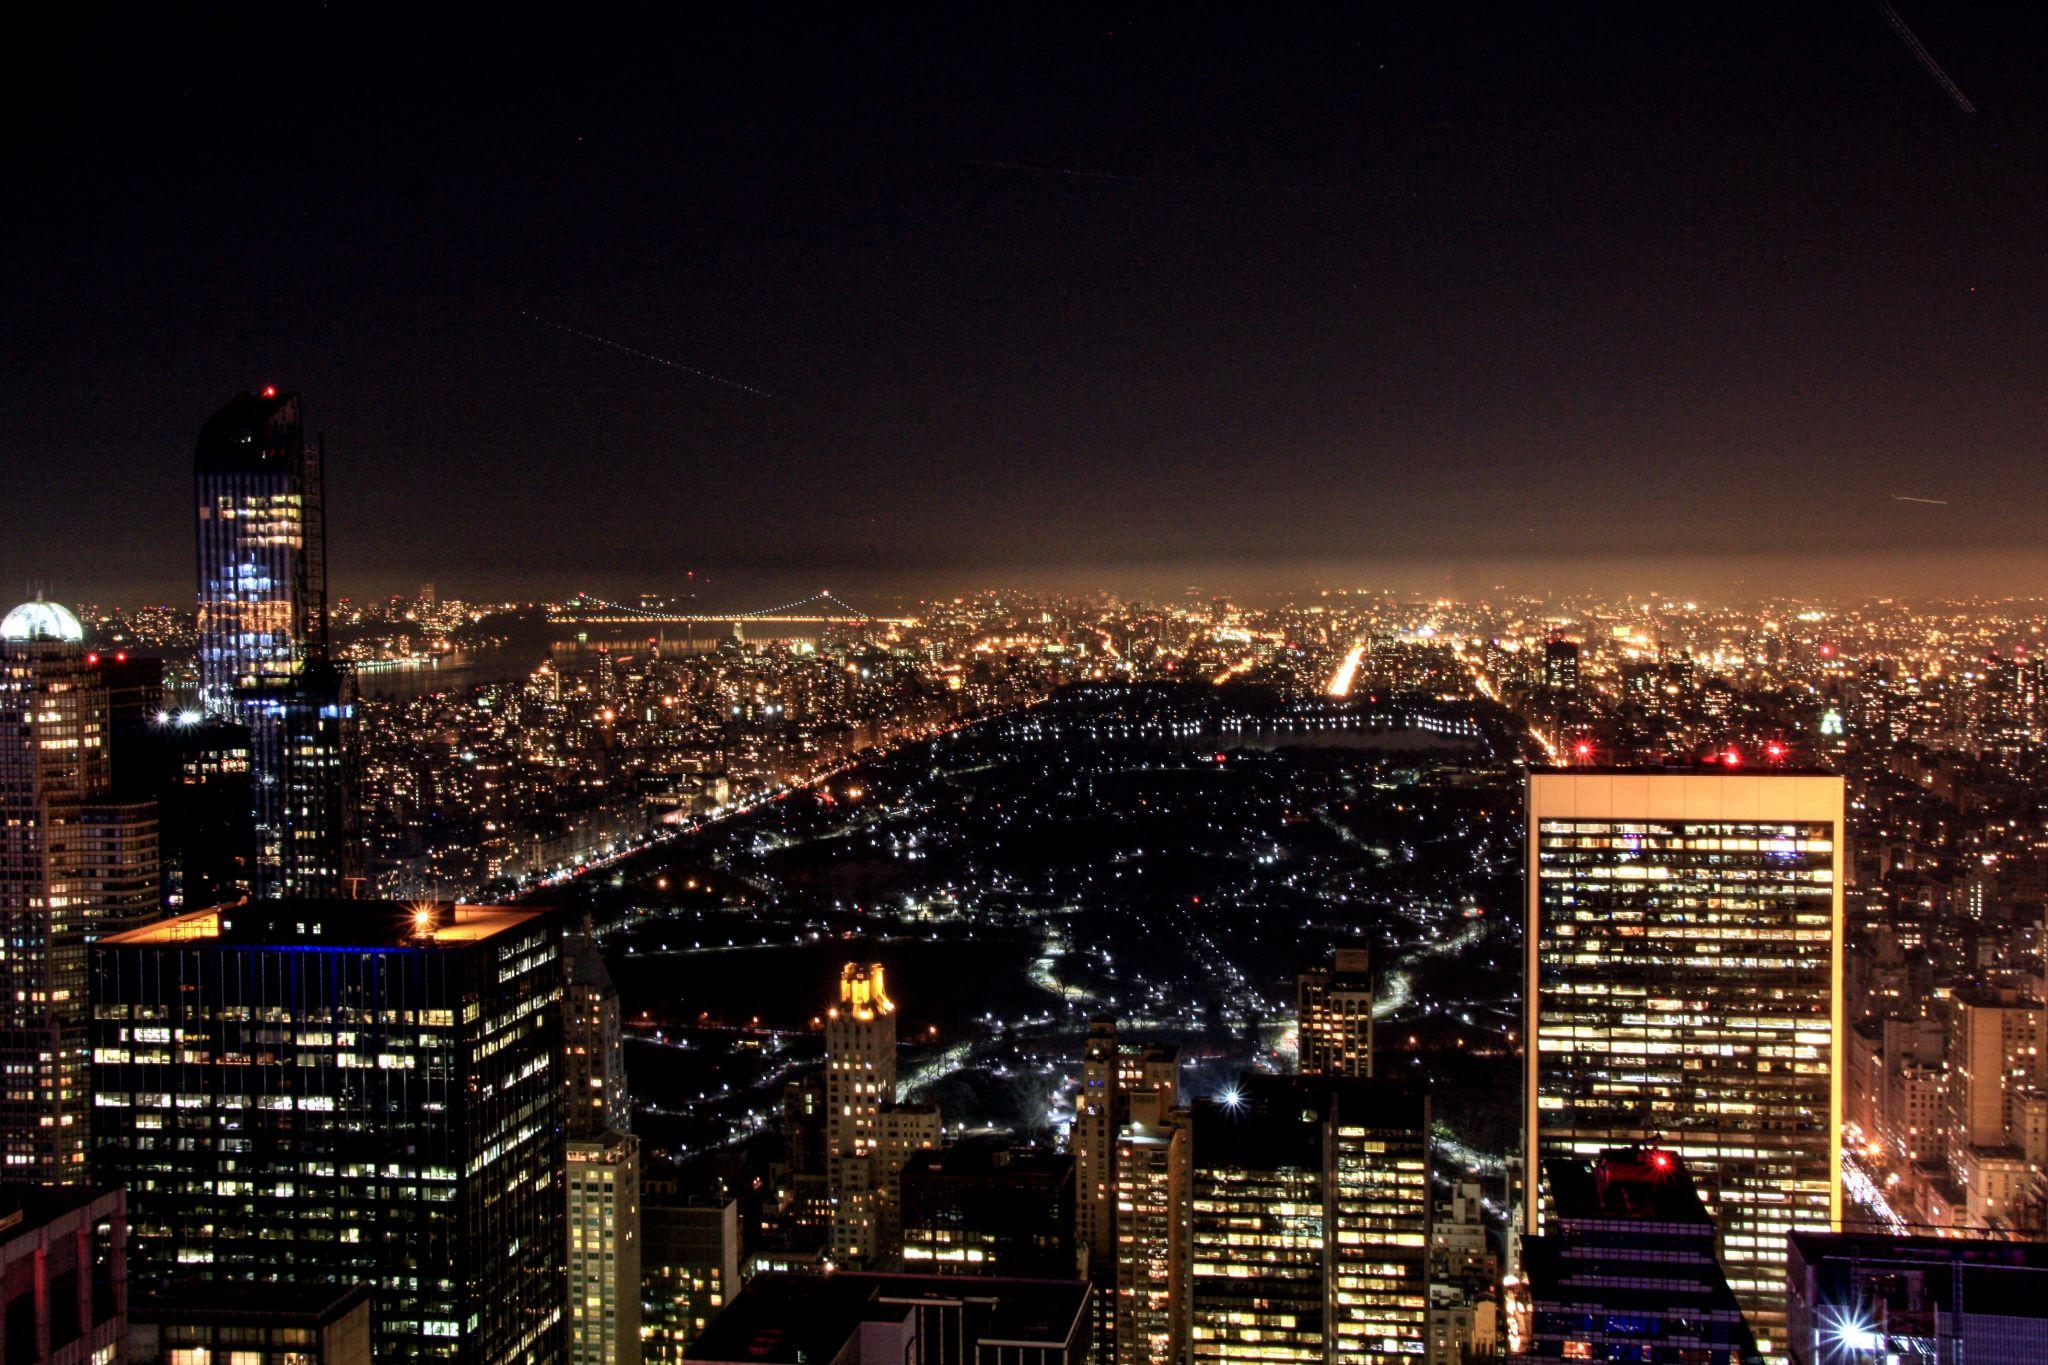 Rockefeller Center Central Park View, USA